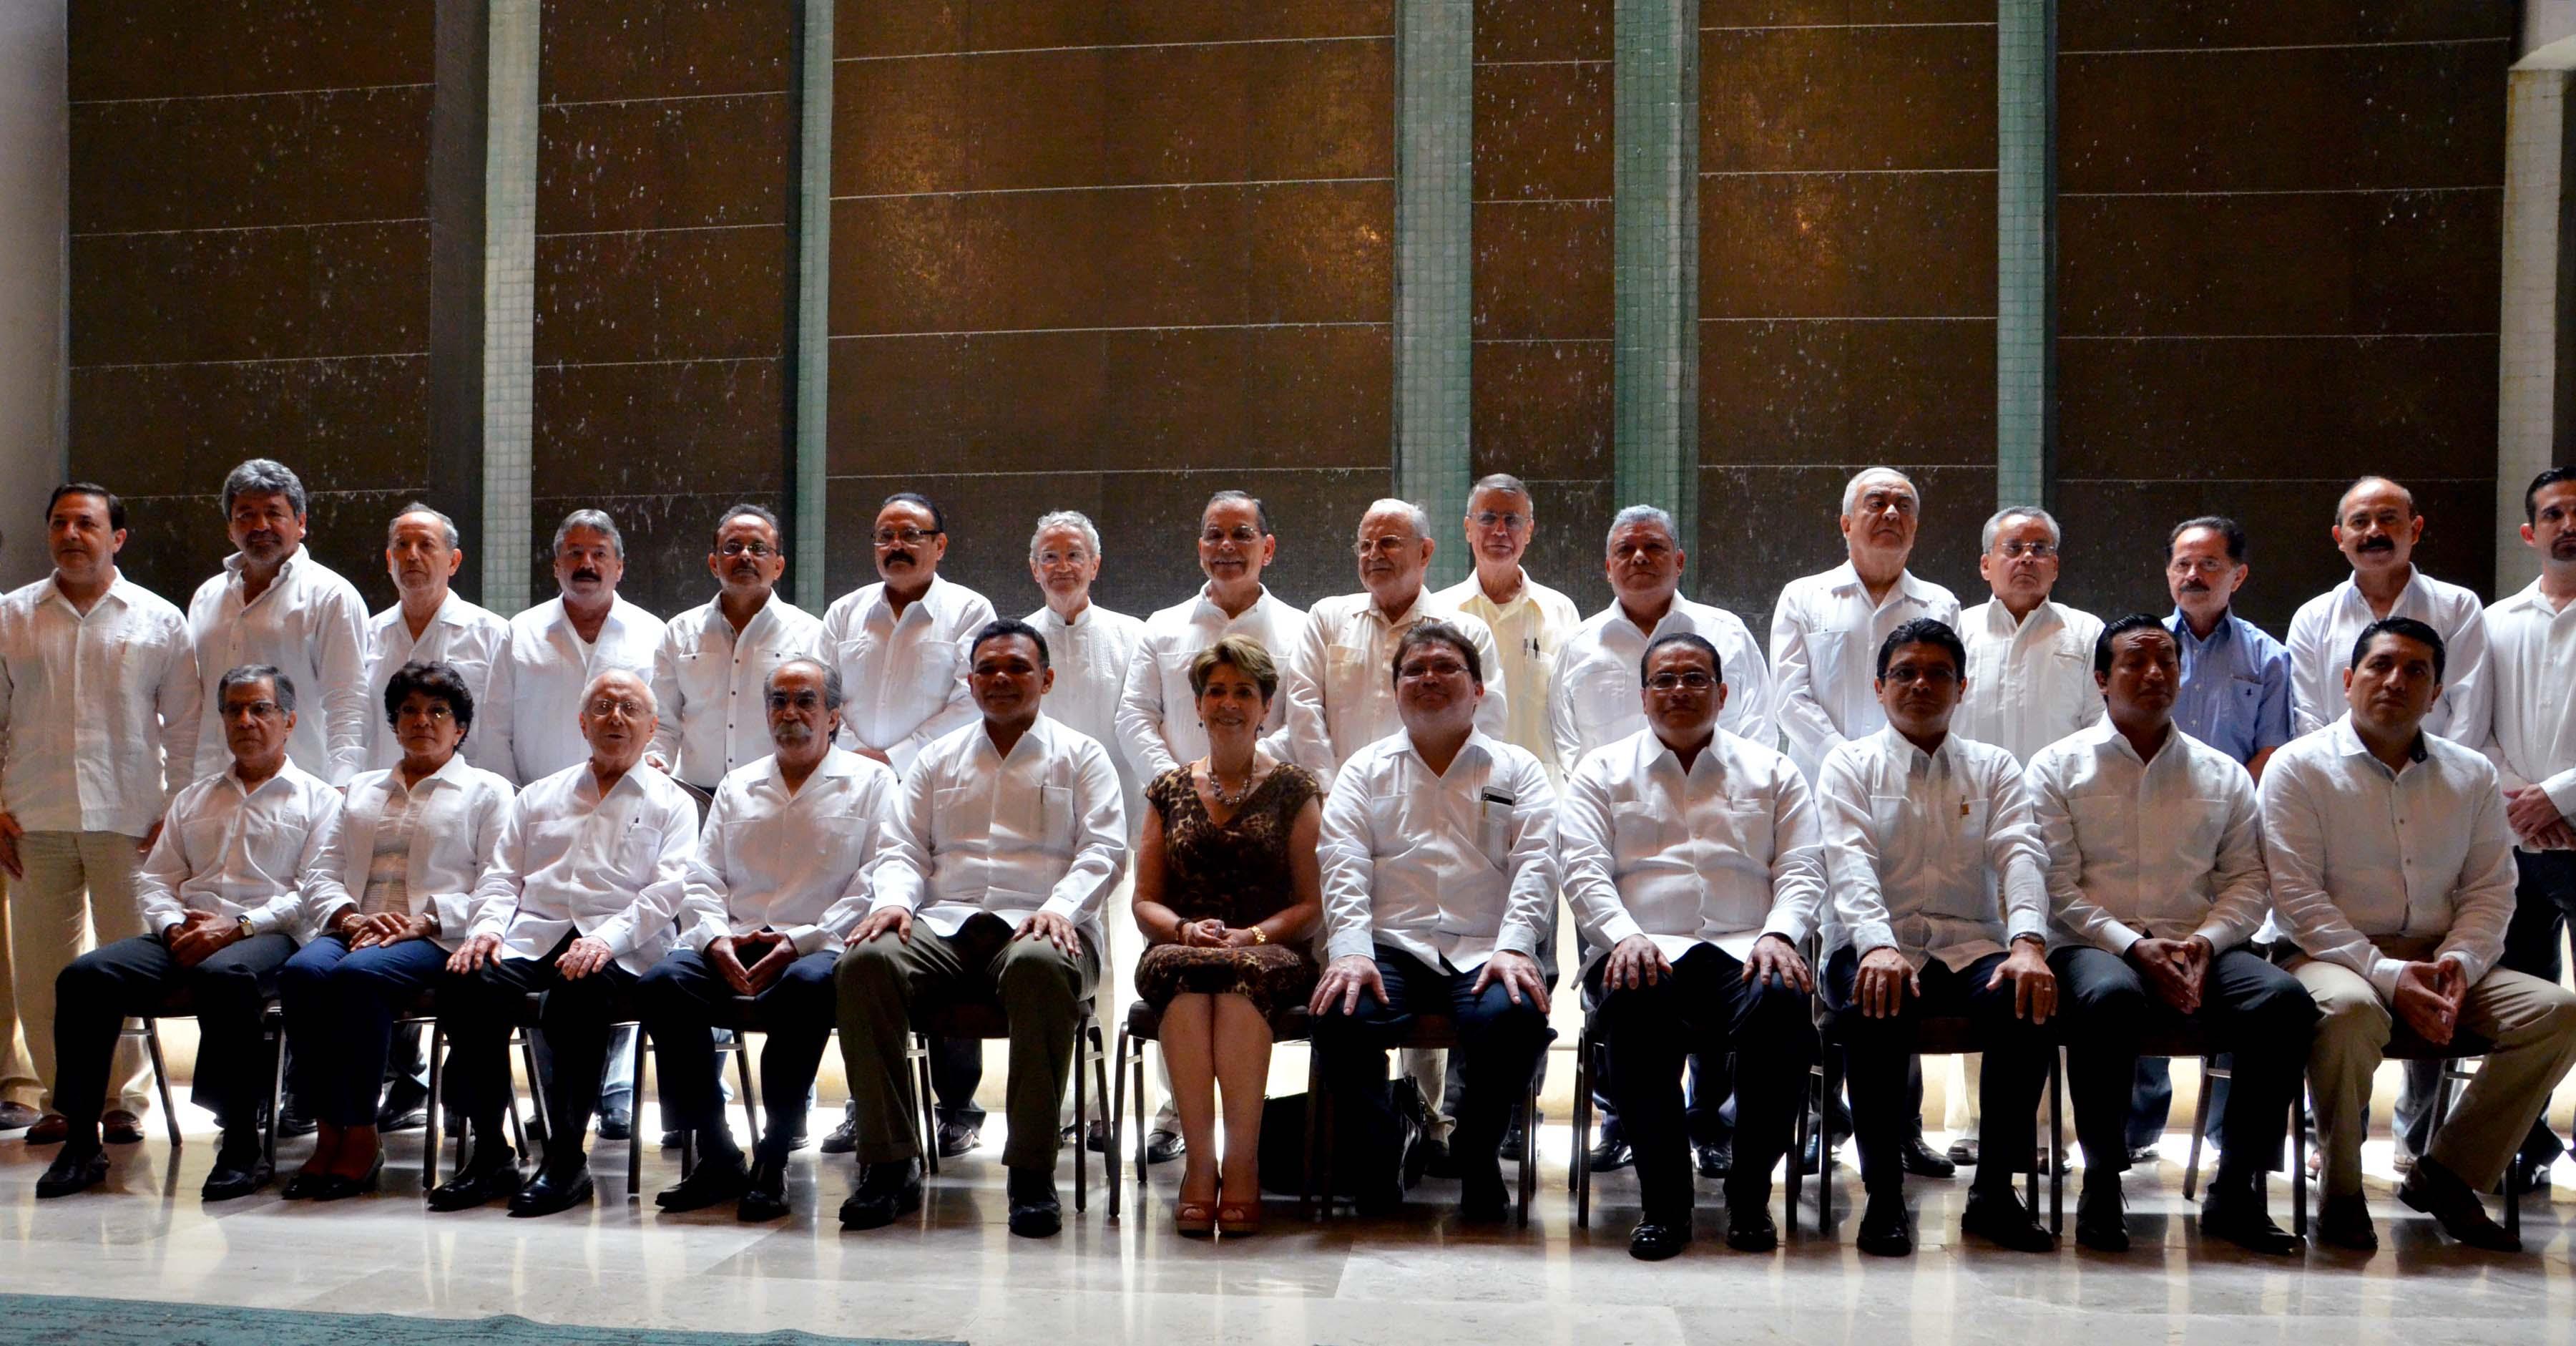 110615 Consejo Mexicano de Arbitraje Medico 05jpg